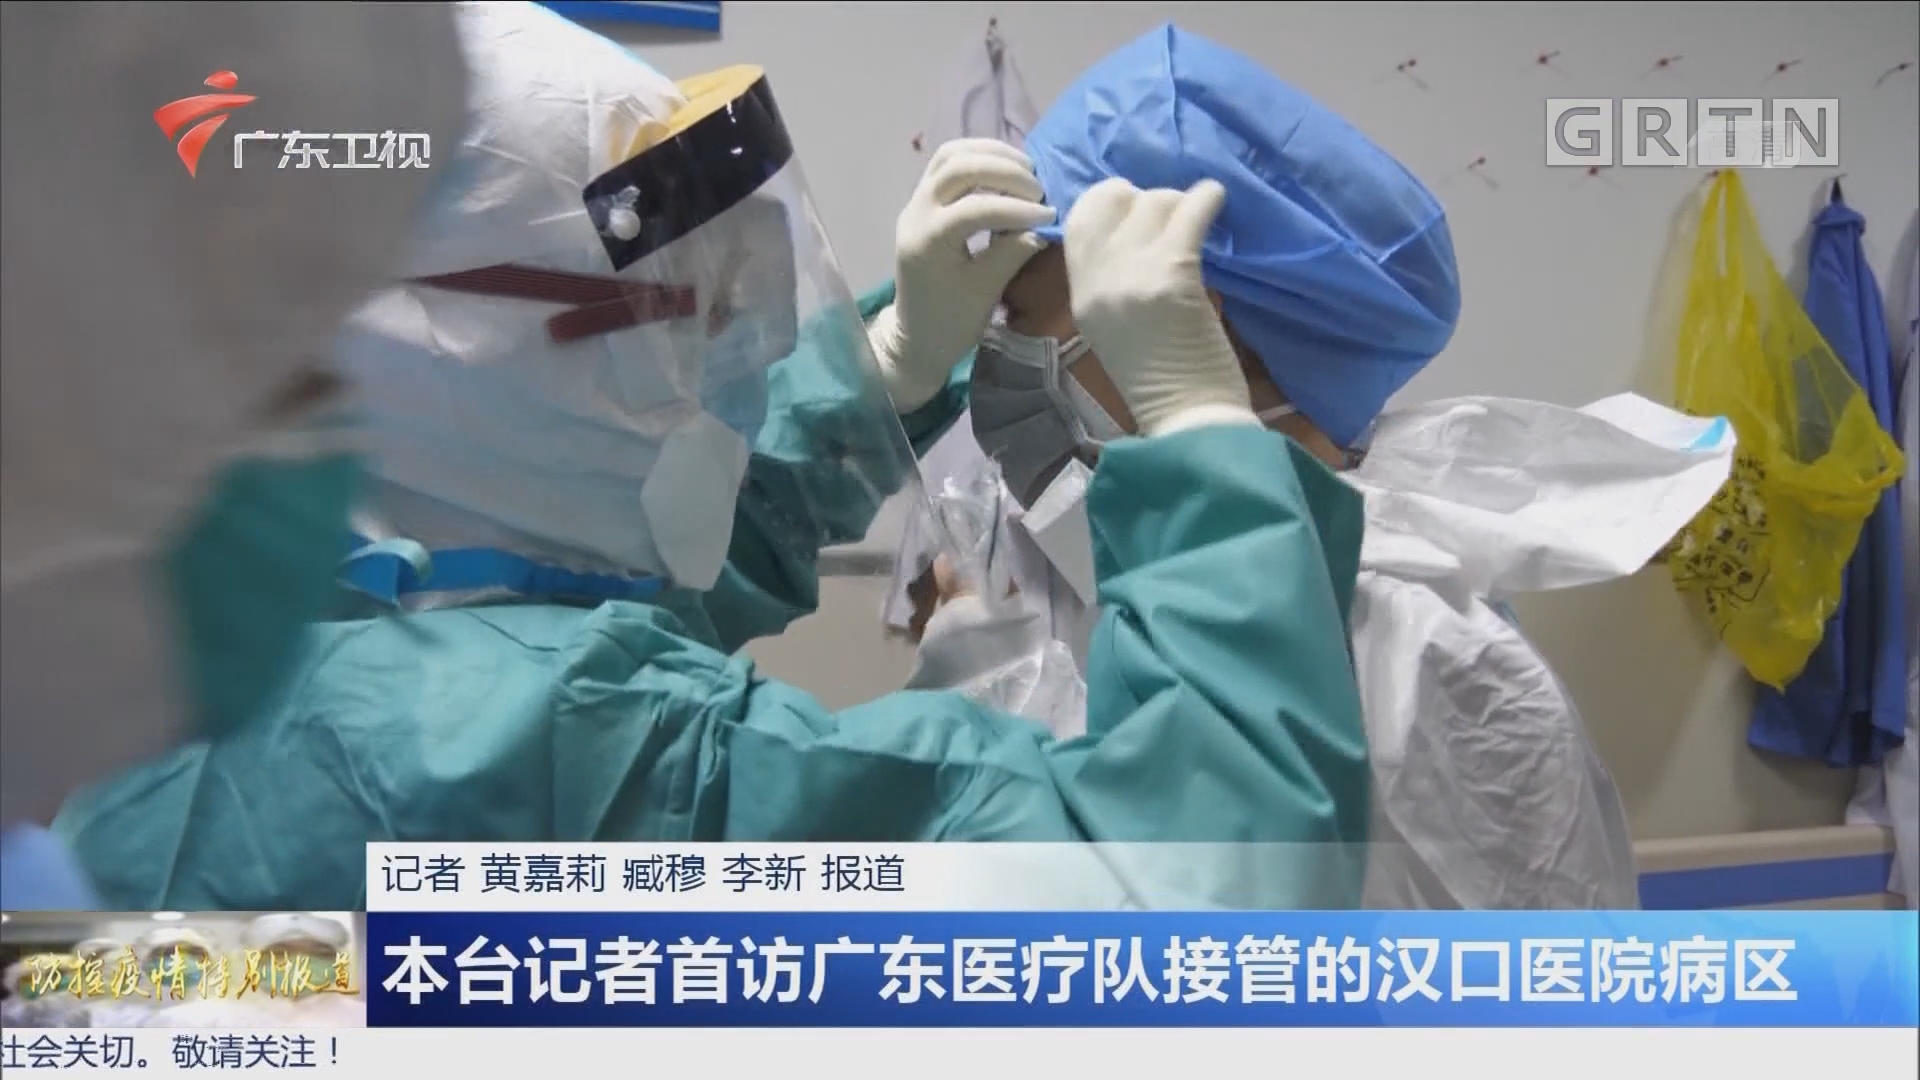 本台记者首访广东医疗队接管的汉口医院病区